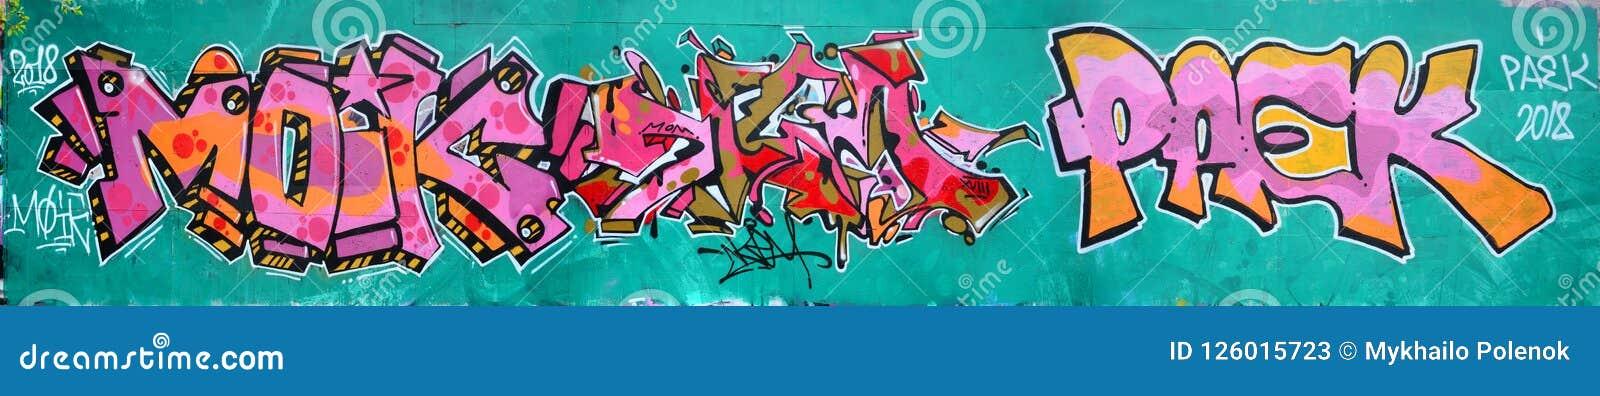 Fragment van een mooi graffitipatroon in roze en groen met